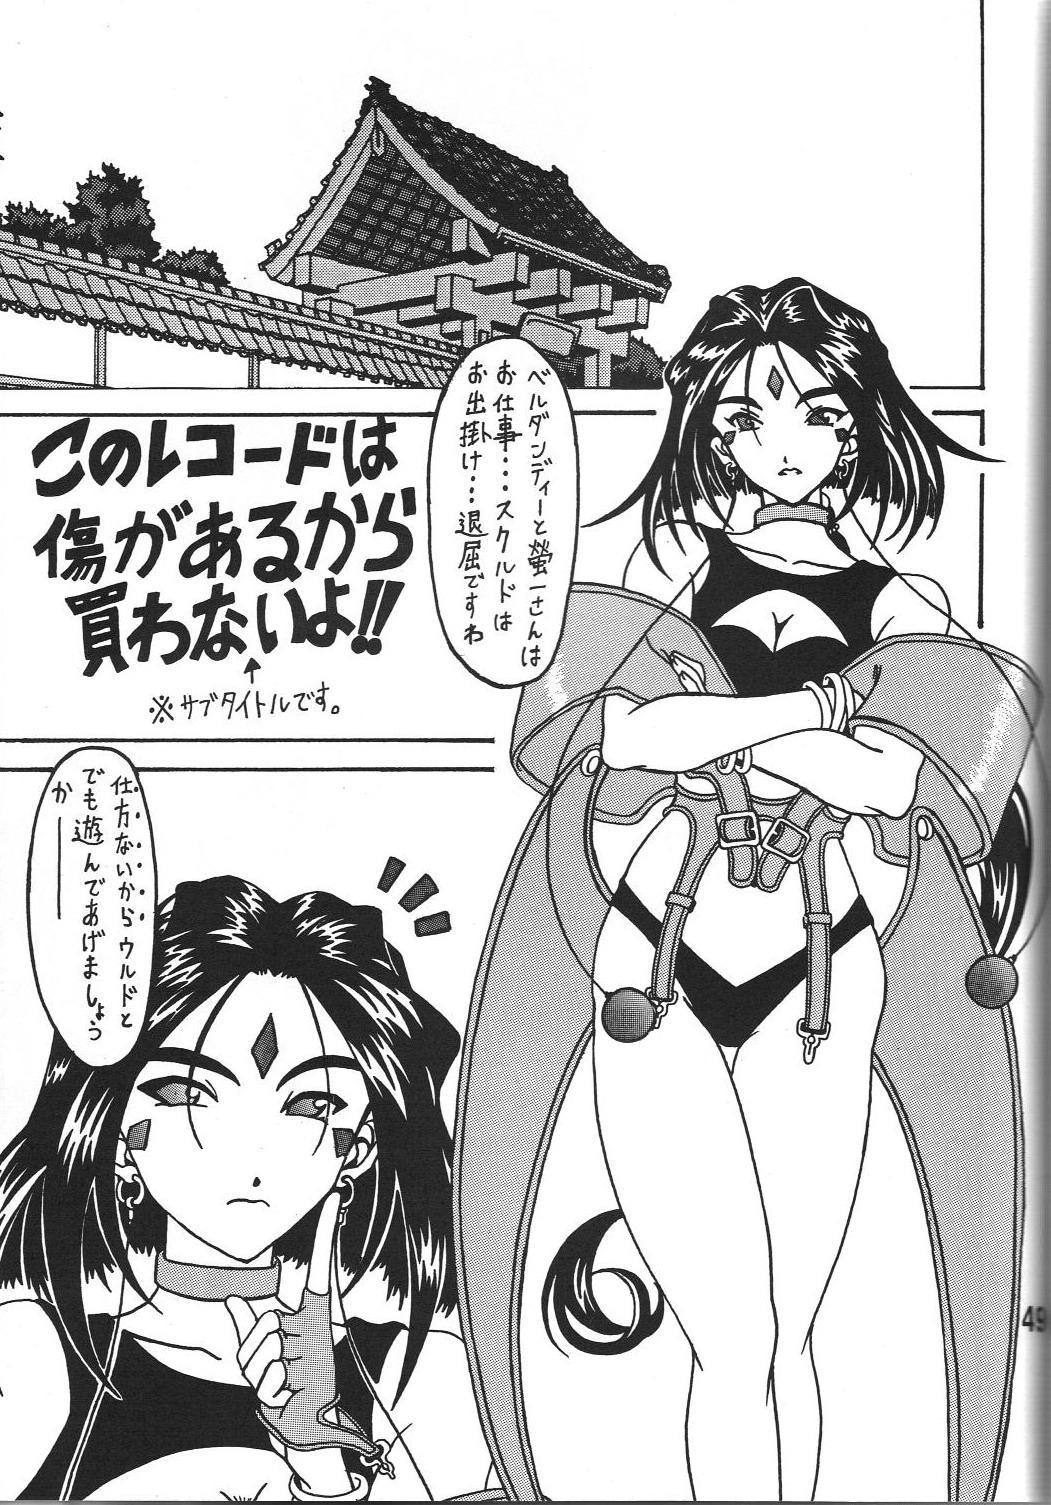 Megami no yuri kago 48